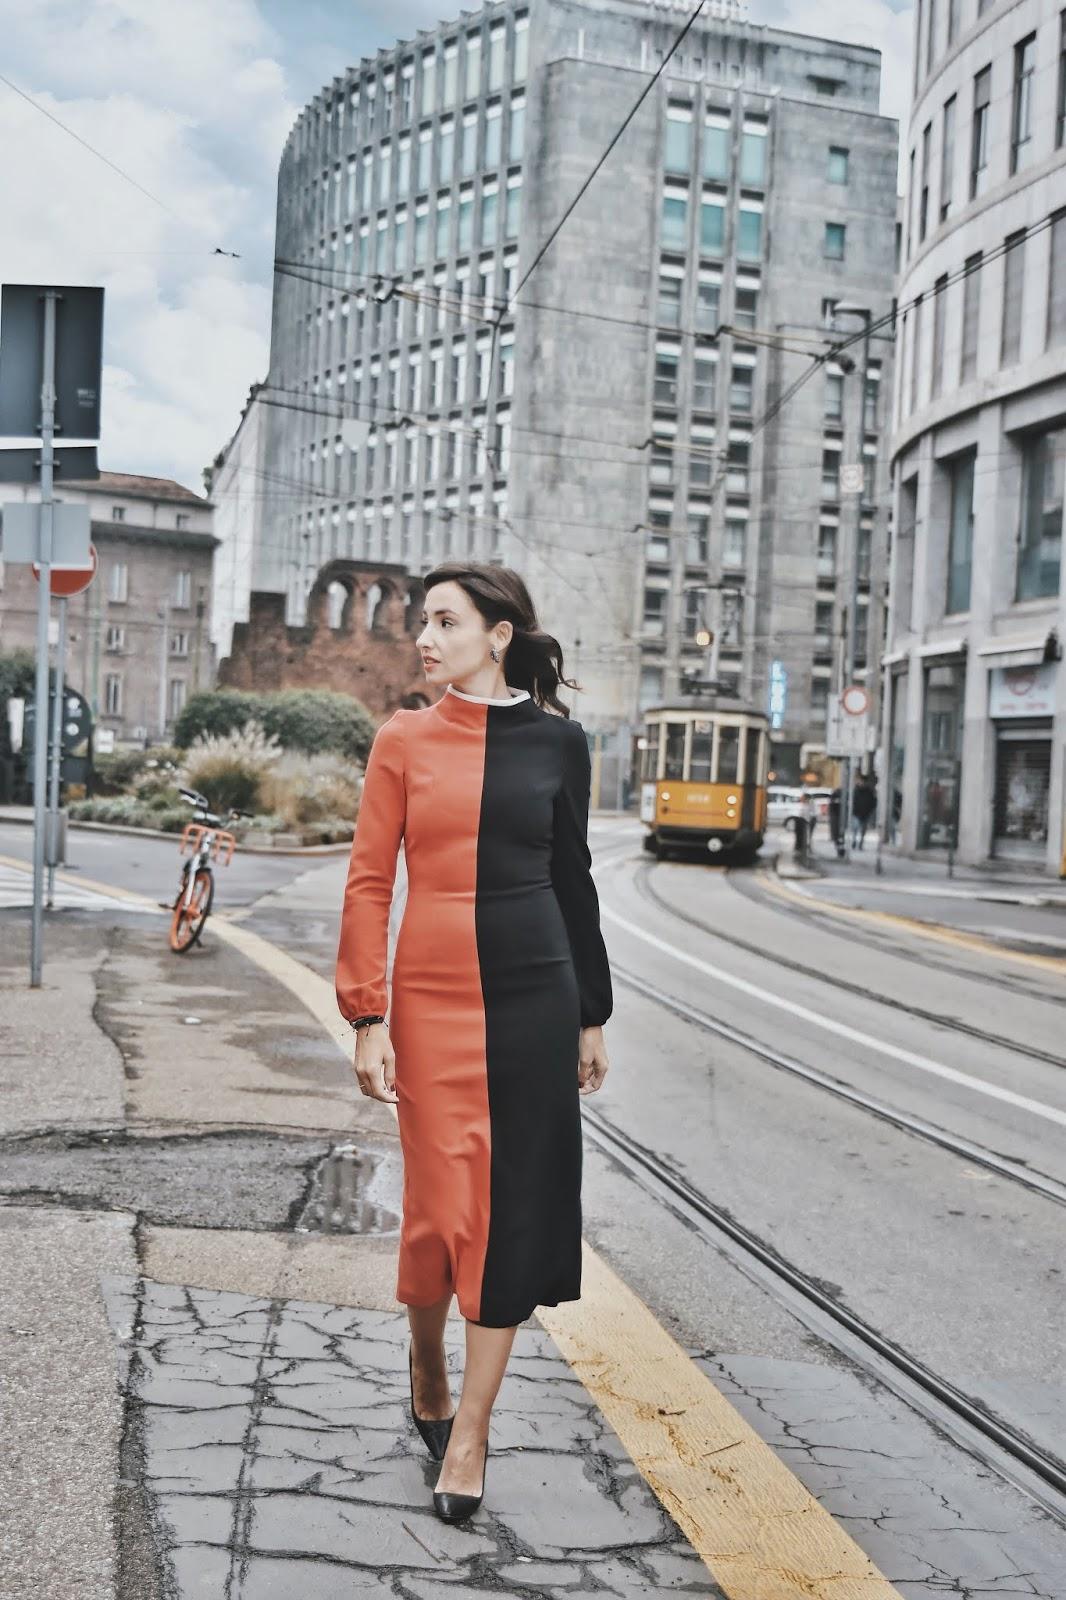 el-blog-de-silvia-rodriguez-lanzamiento-iqos3-milan-blogger-influencer